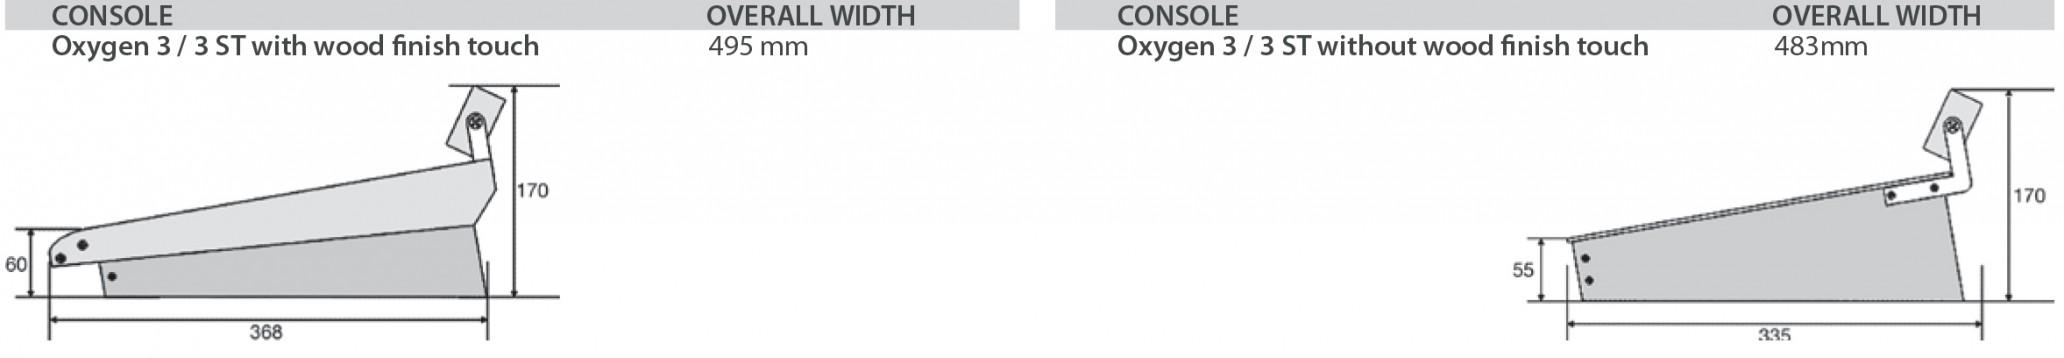 Mélangeur Radio Analogique Oxygène 3 AxelTech